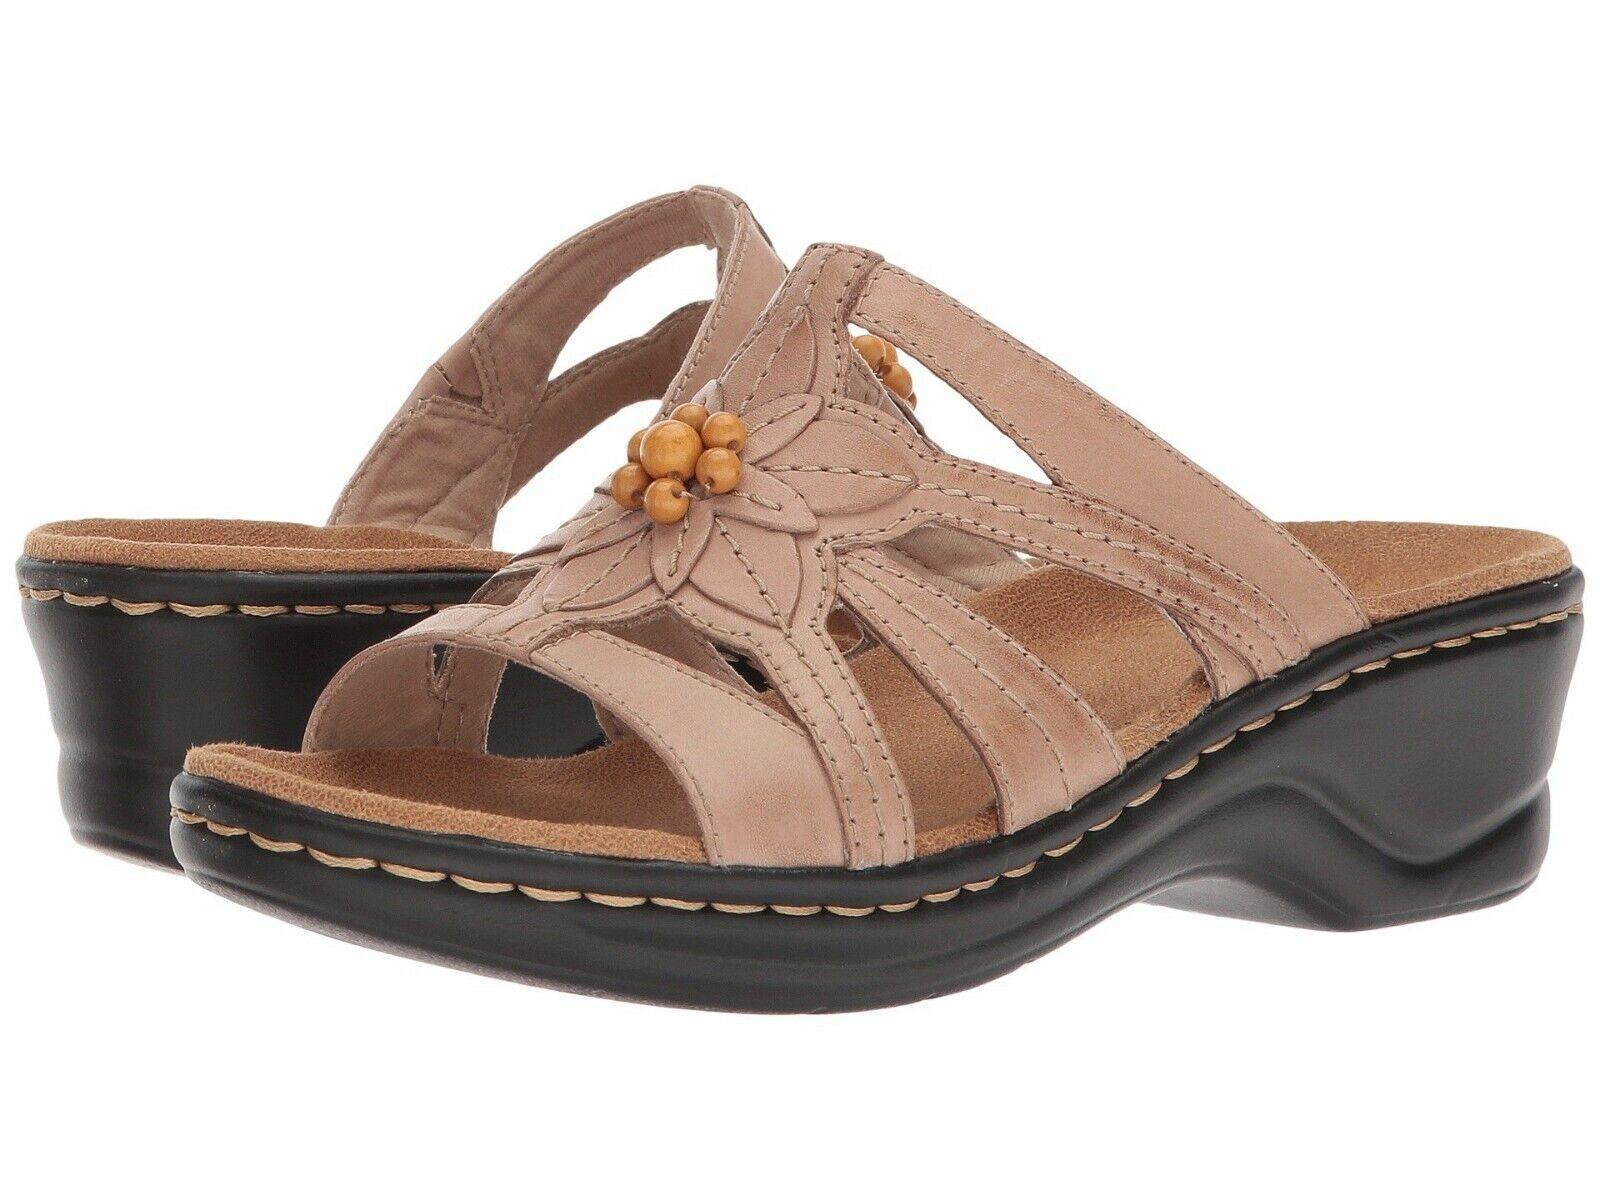 Clarks Lexi Myrtle Femme Sable Cuir 34220 Slide Confort Sandales